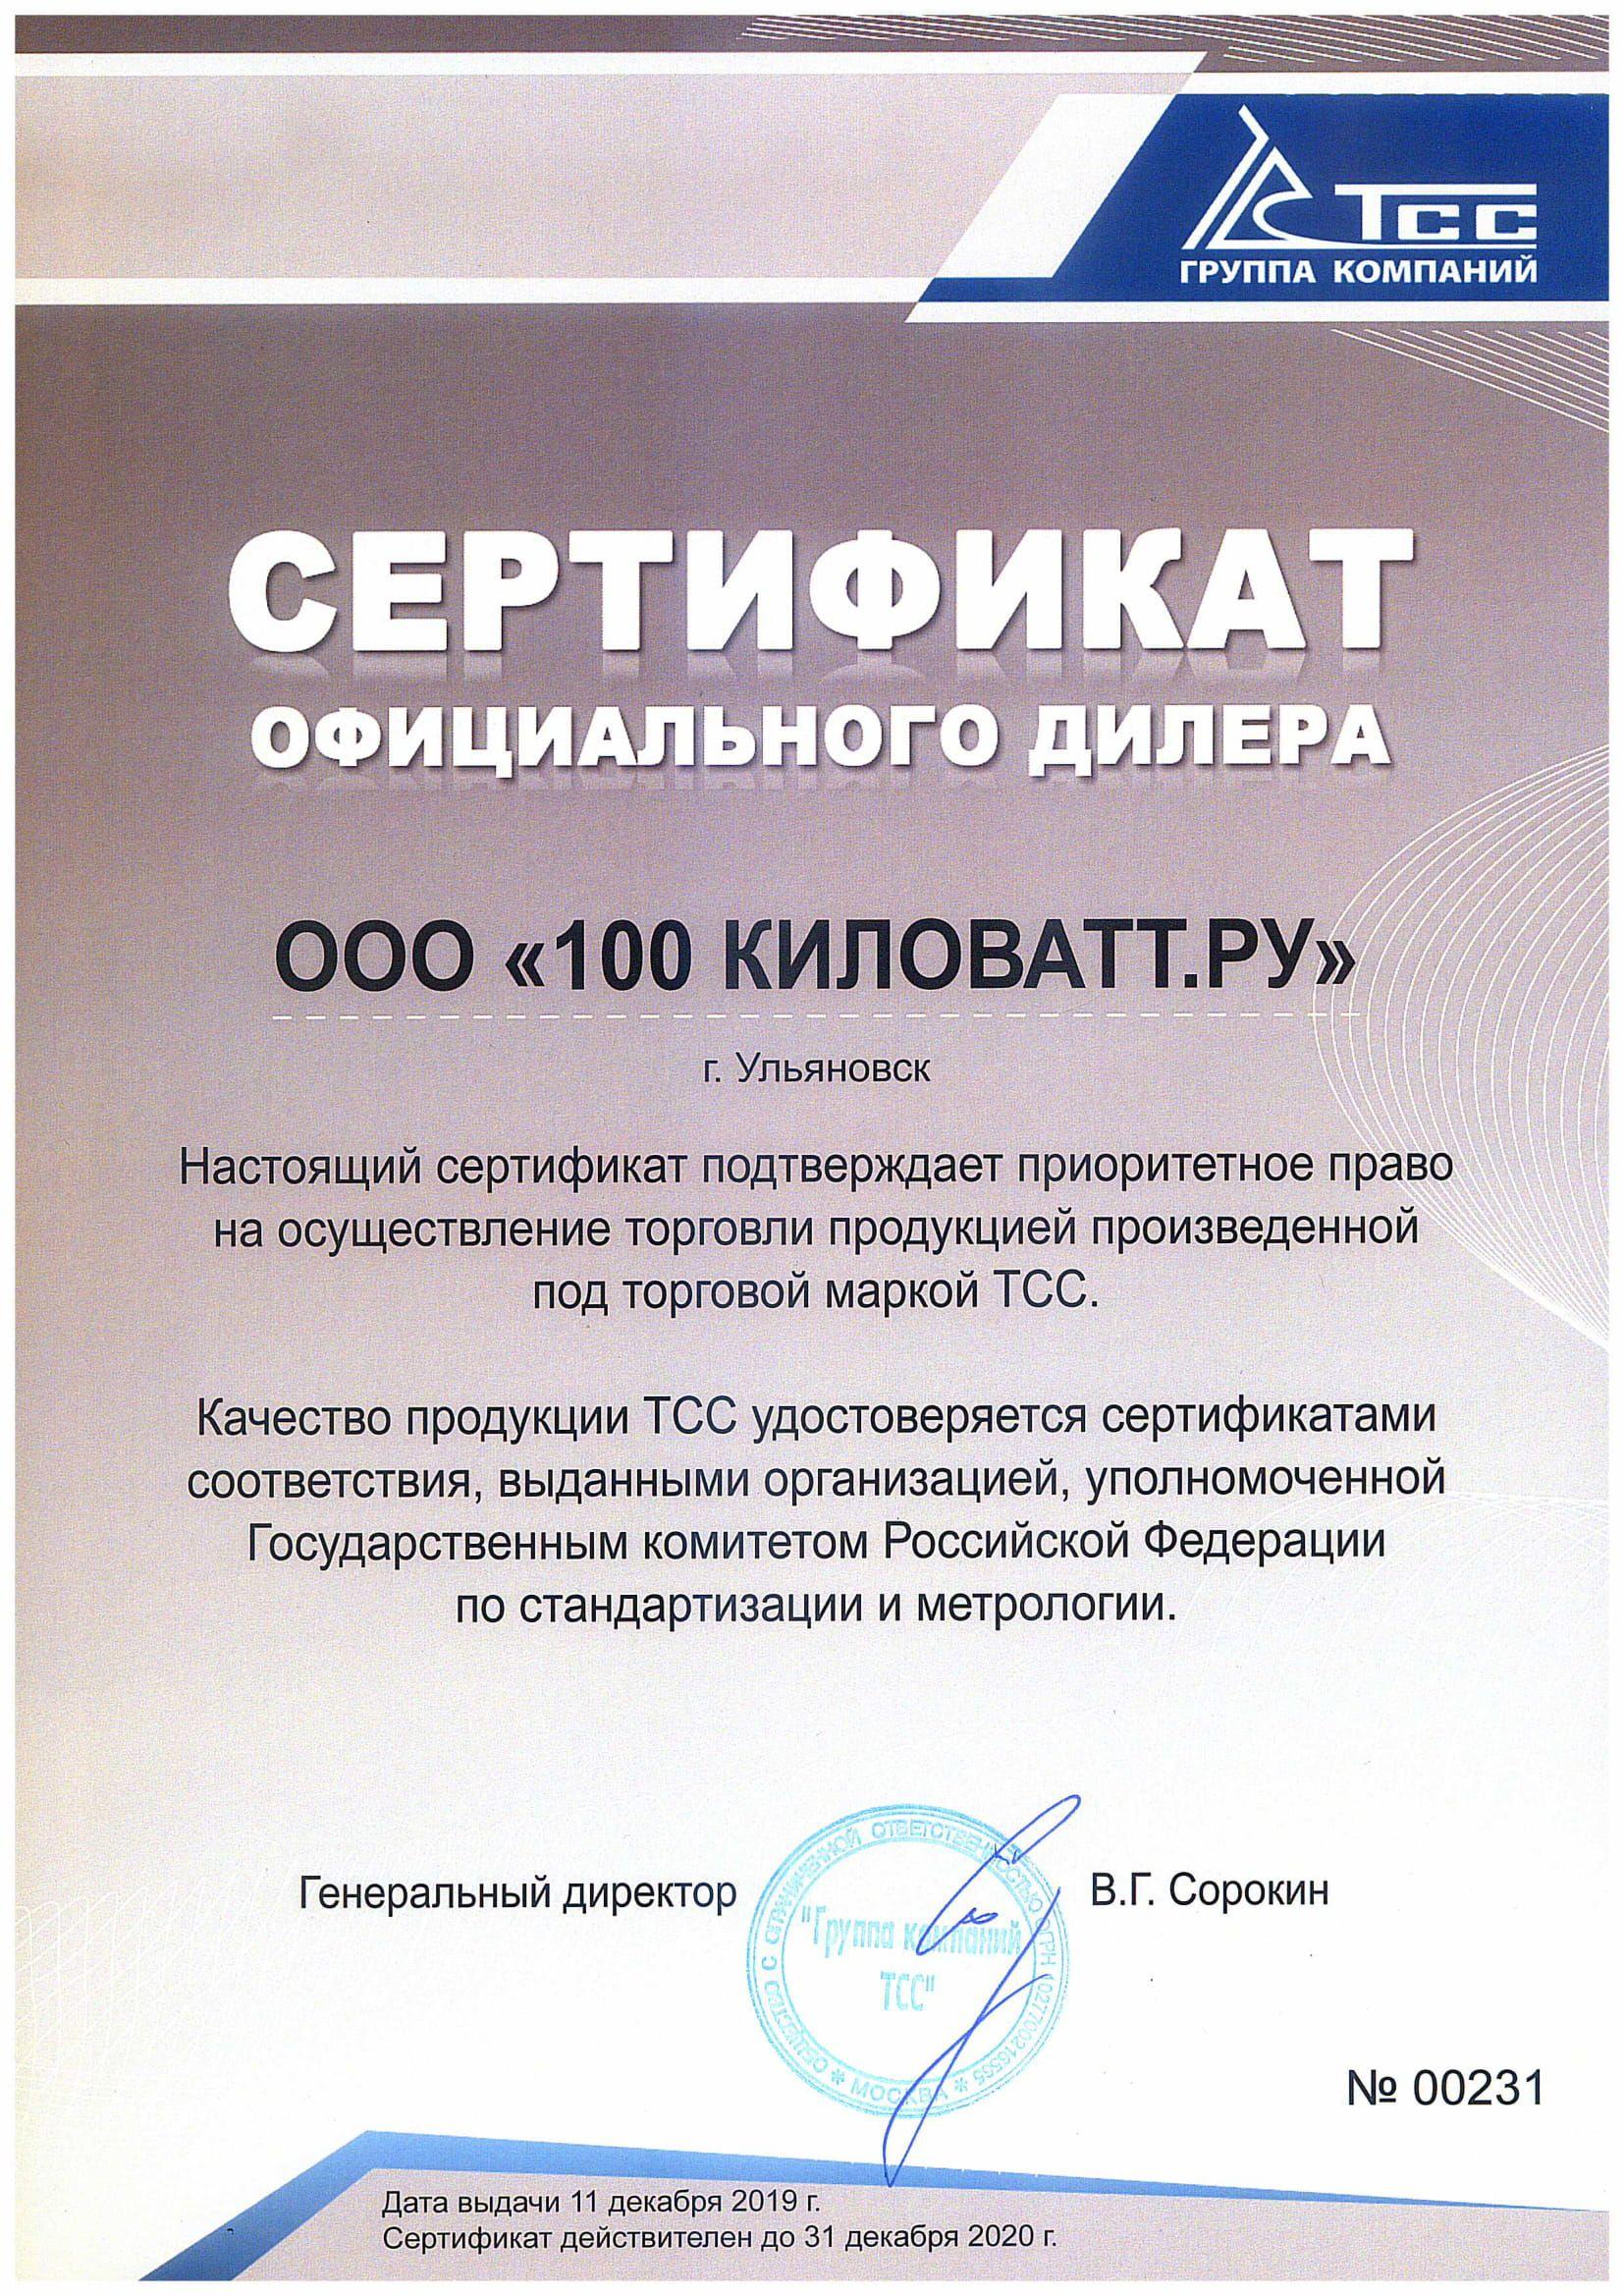 Сертификат дилера ТСС